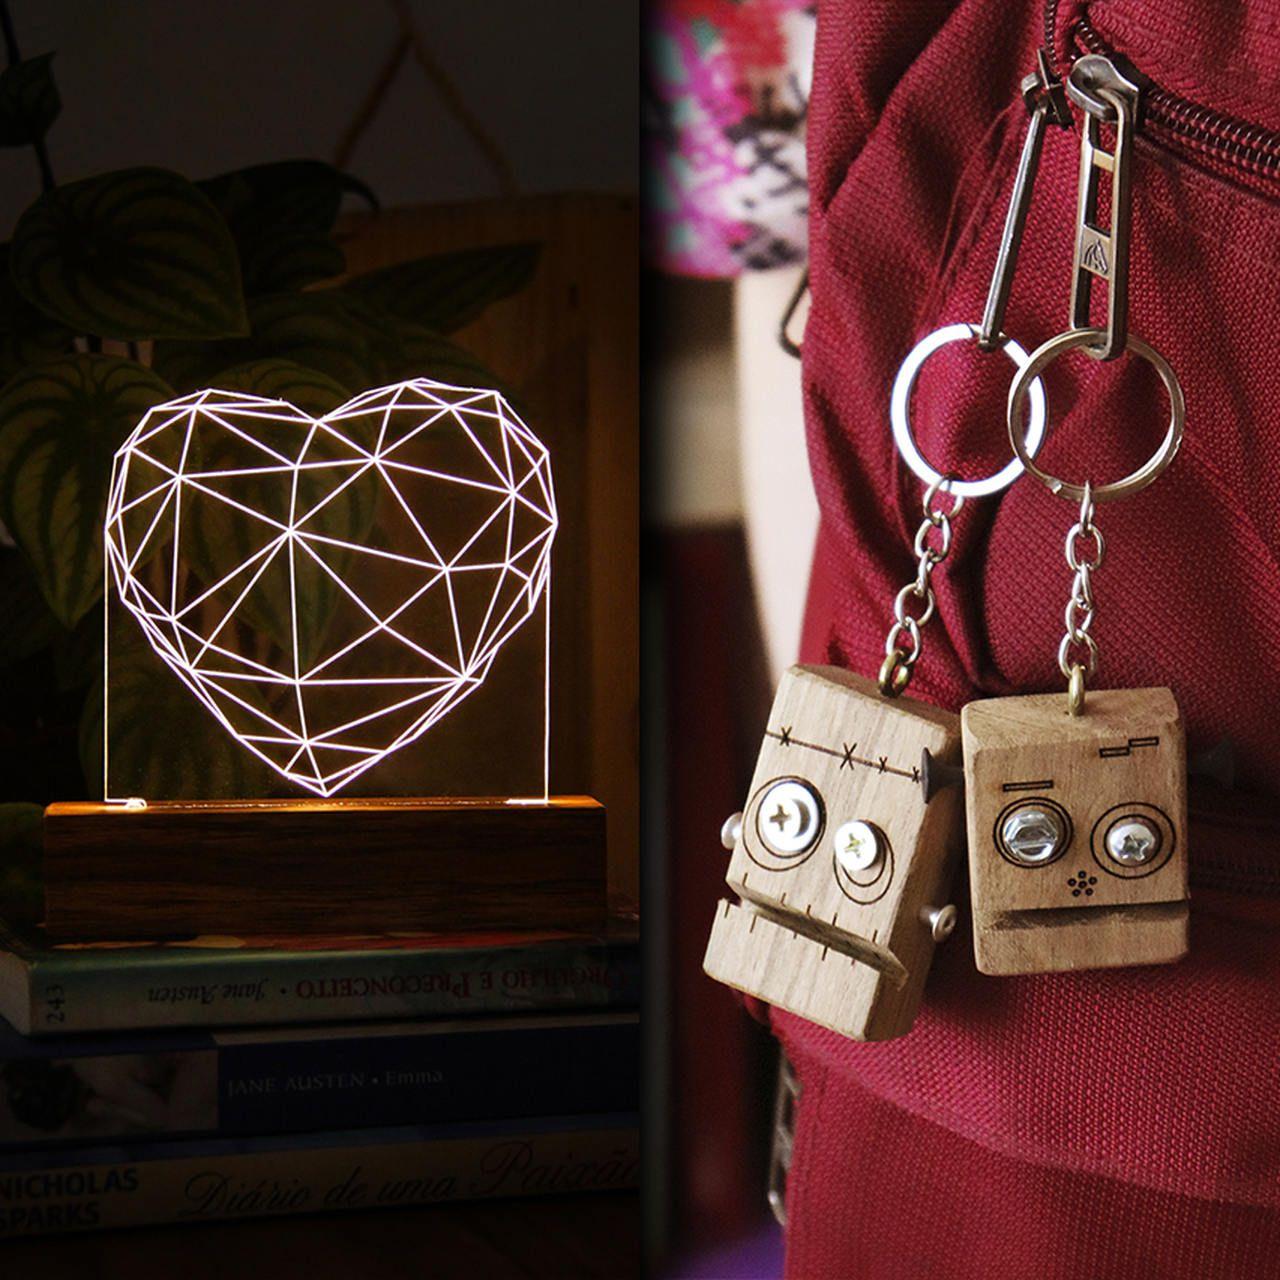 Kit Dia dos Namorados - 1 luminária Coração + 2 chaveiros